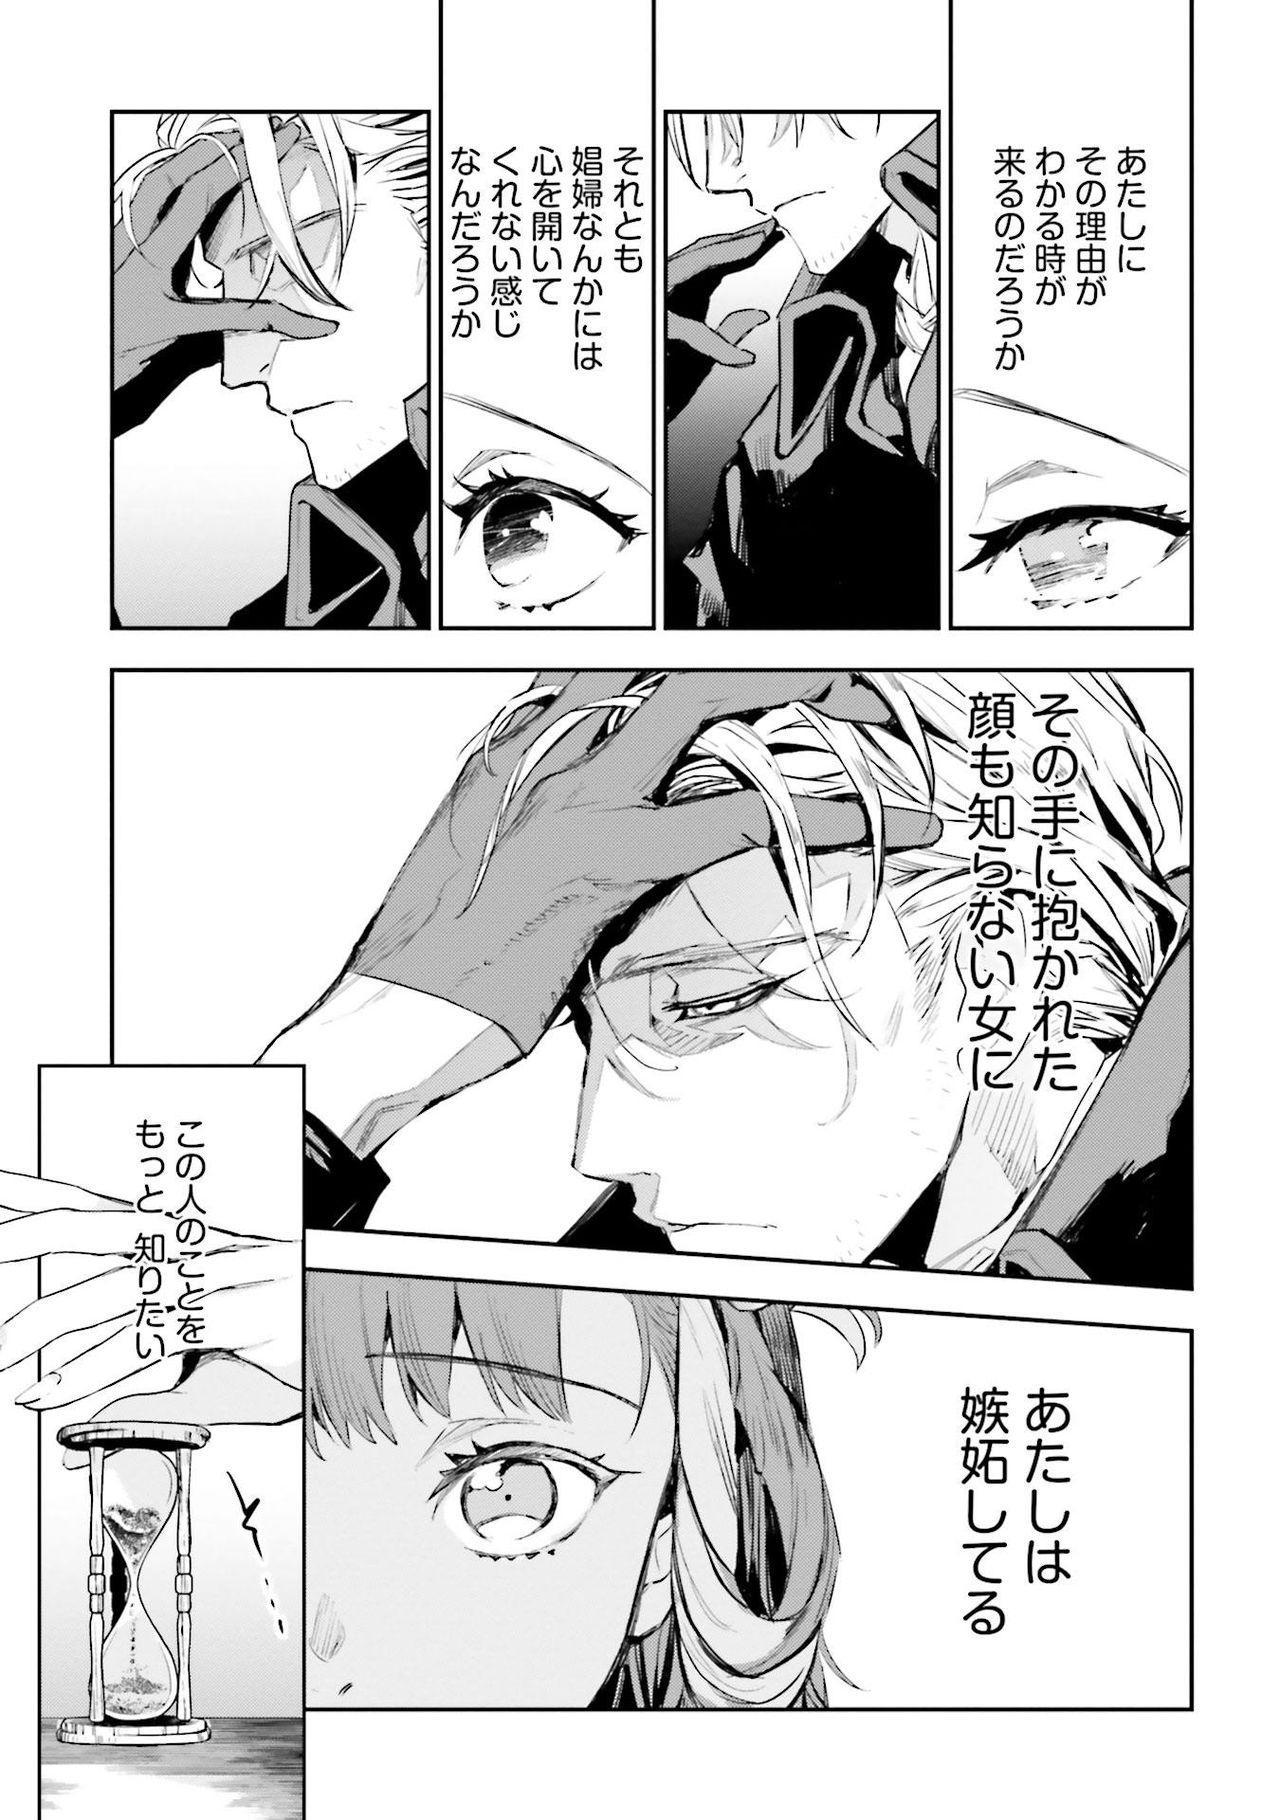 JK Haru wa Isekai de Shoufu ni Natta 1-14 462